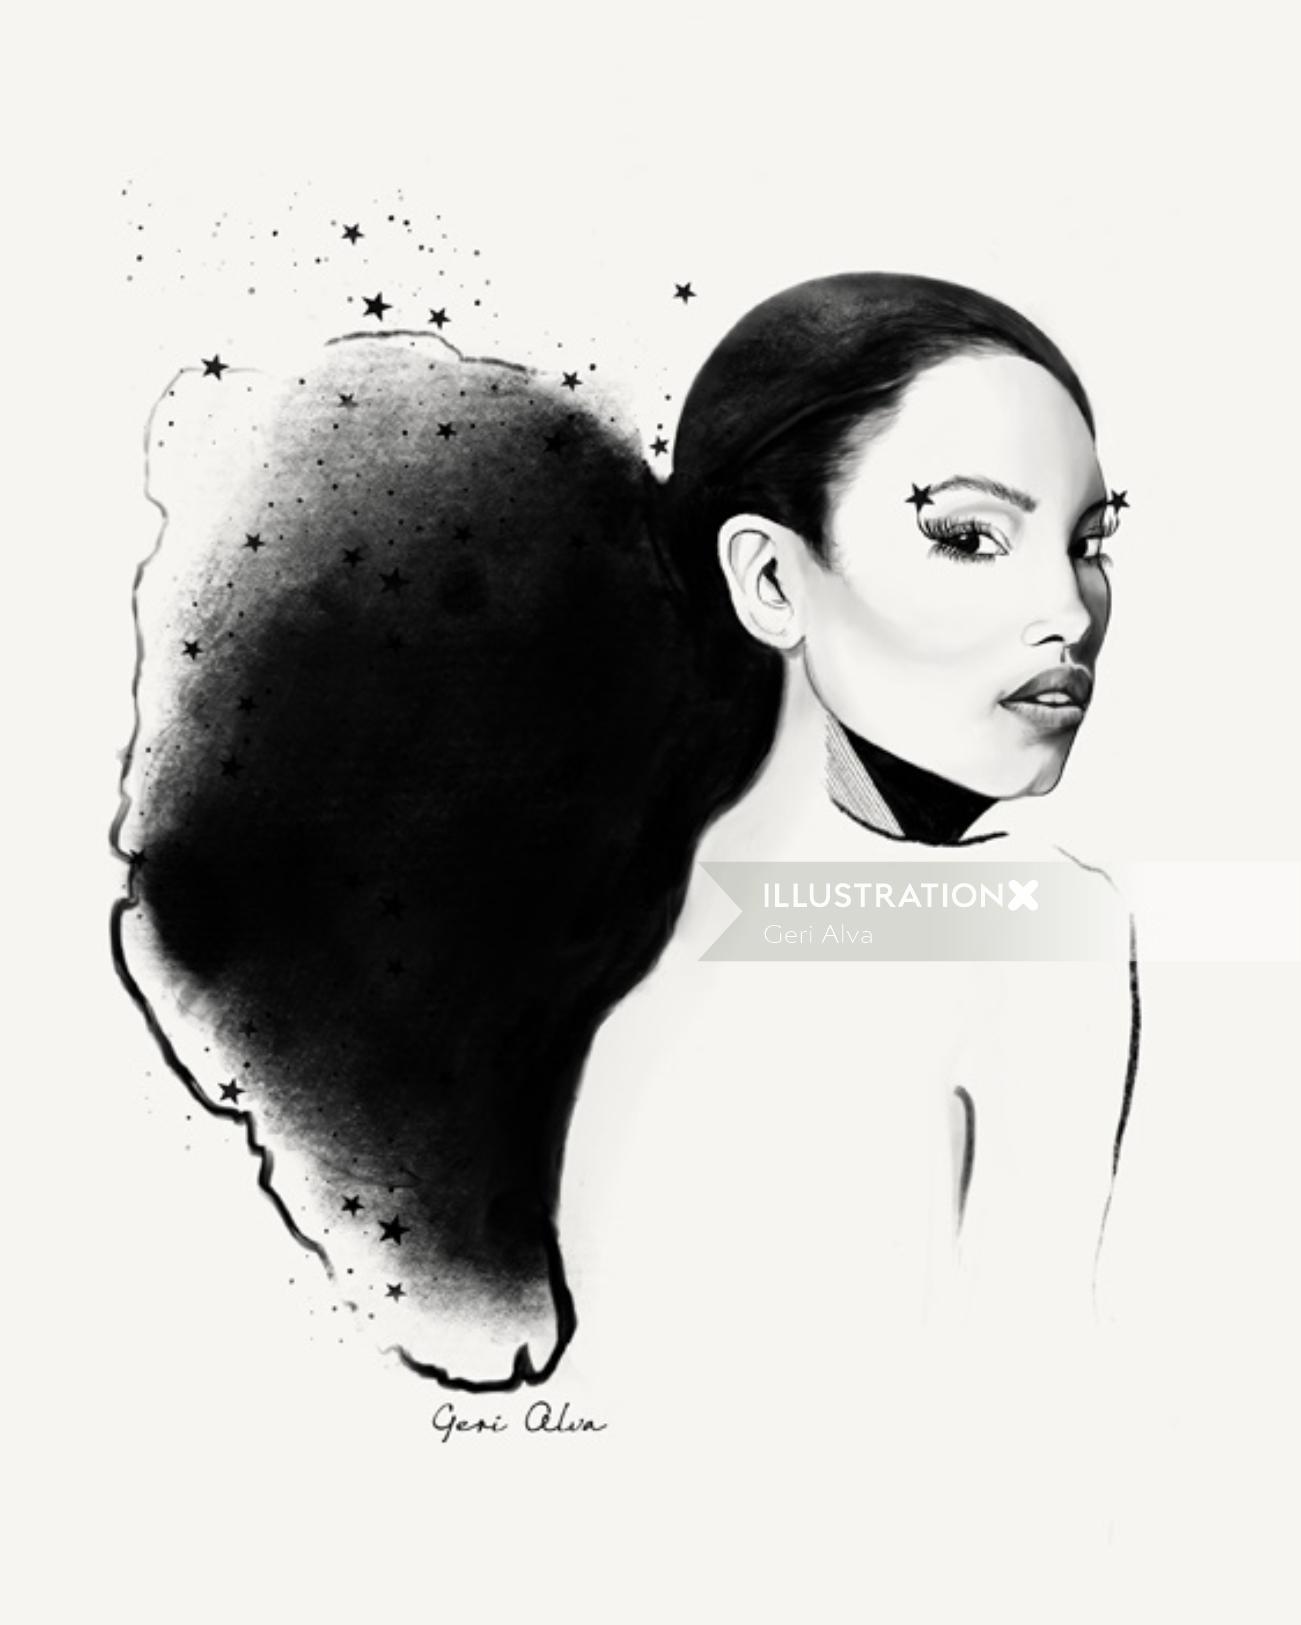 fashion, fashion illustrations, fashion editorial illustrations, beauty, the star lady, star, lady,